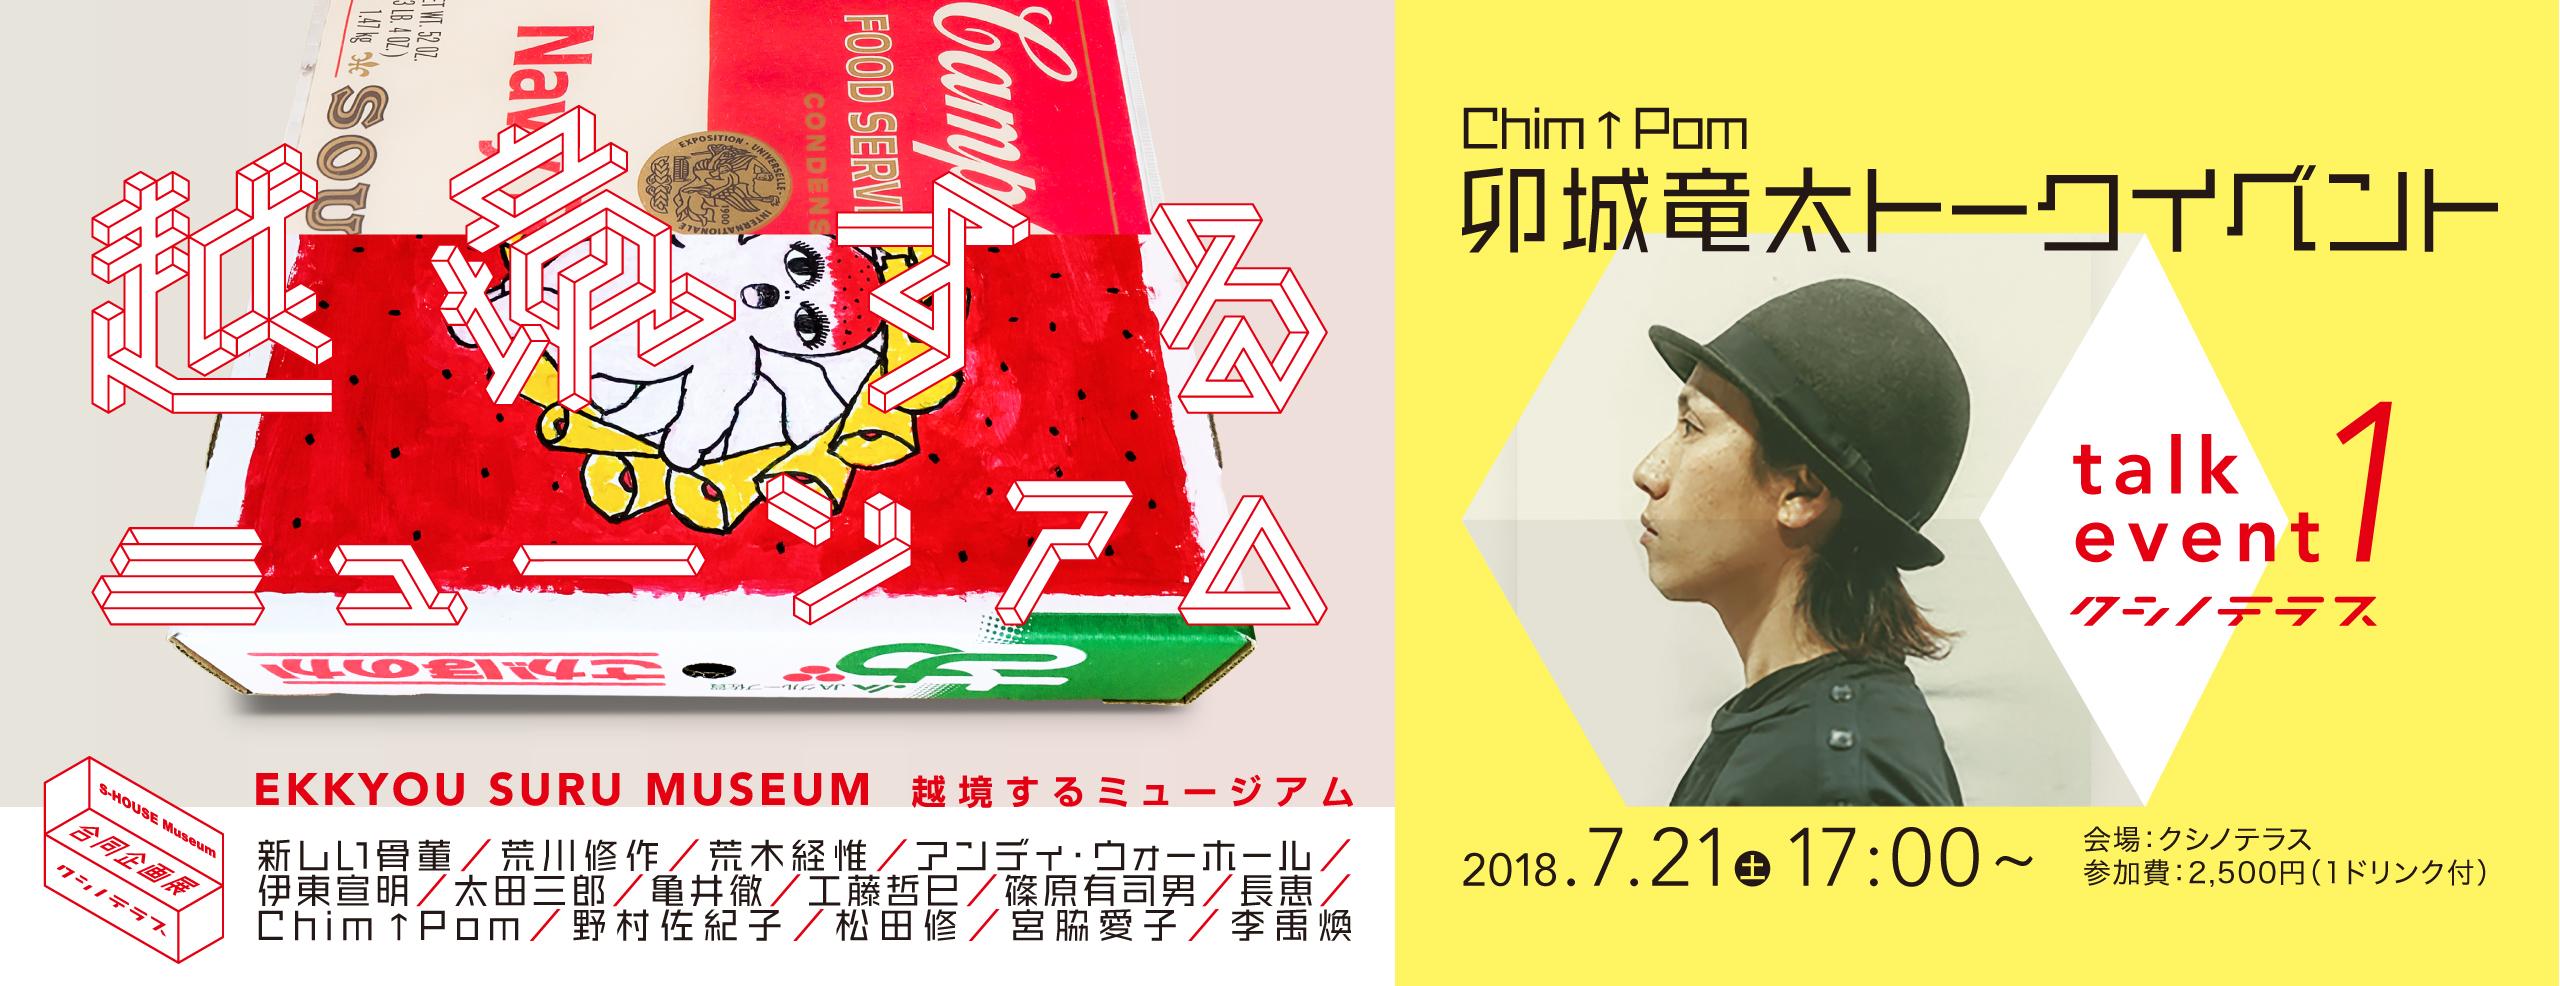 卯城竜太(Chim↑Pom)トークイベント